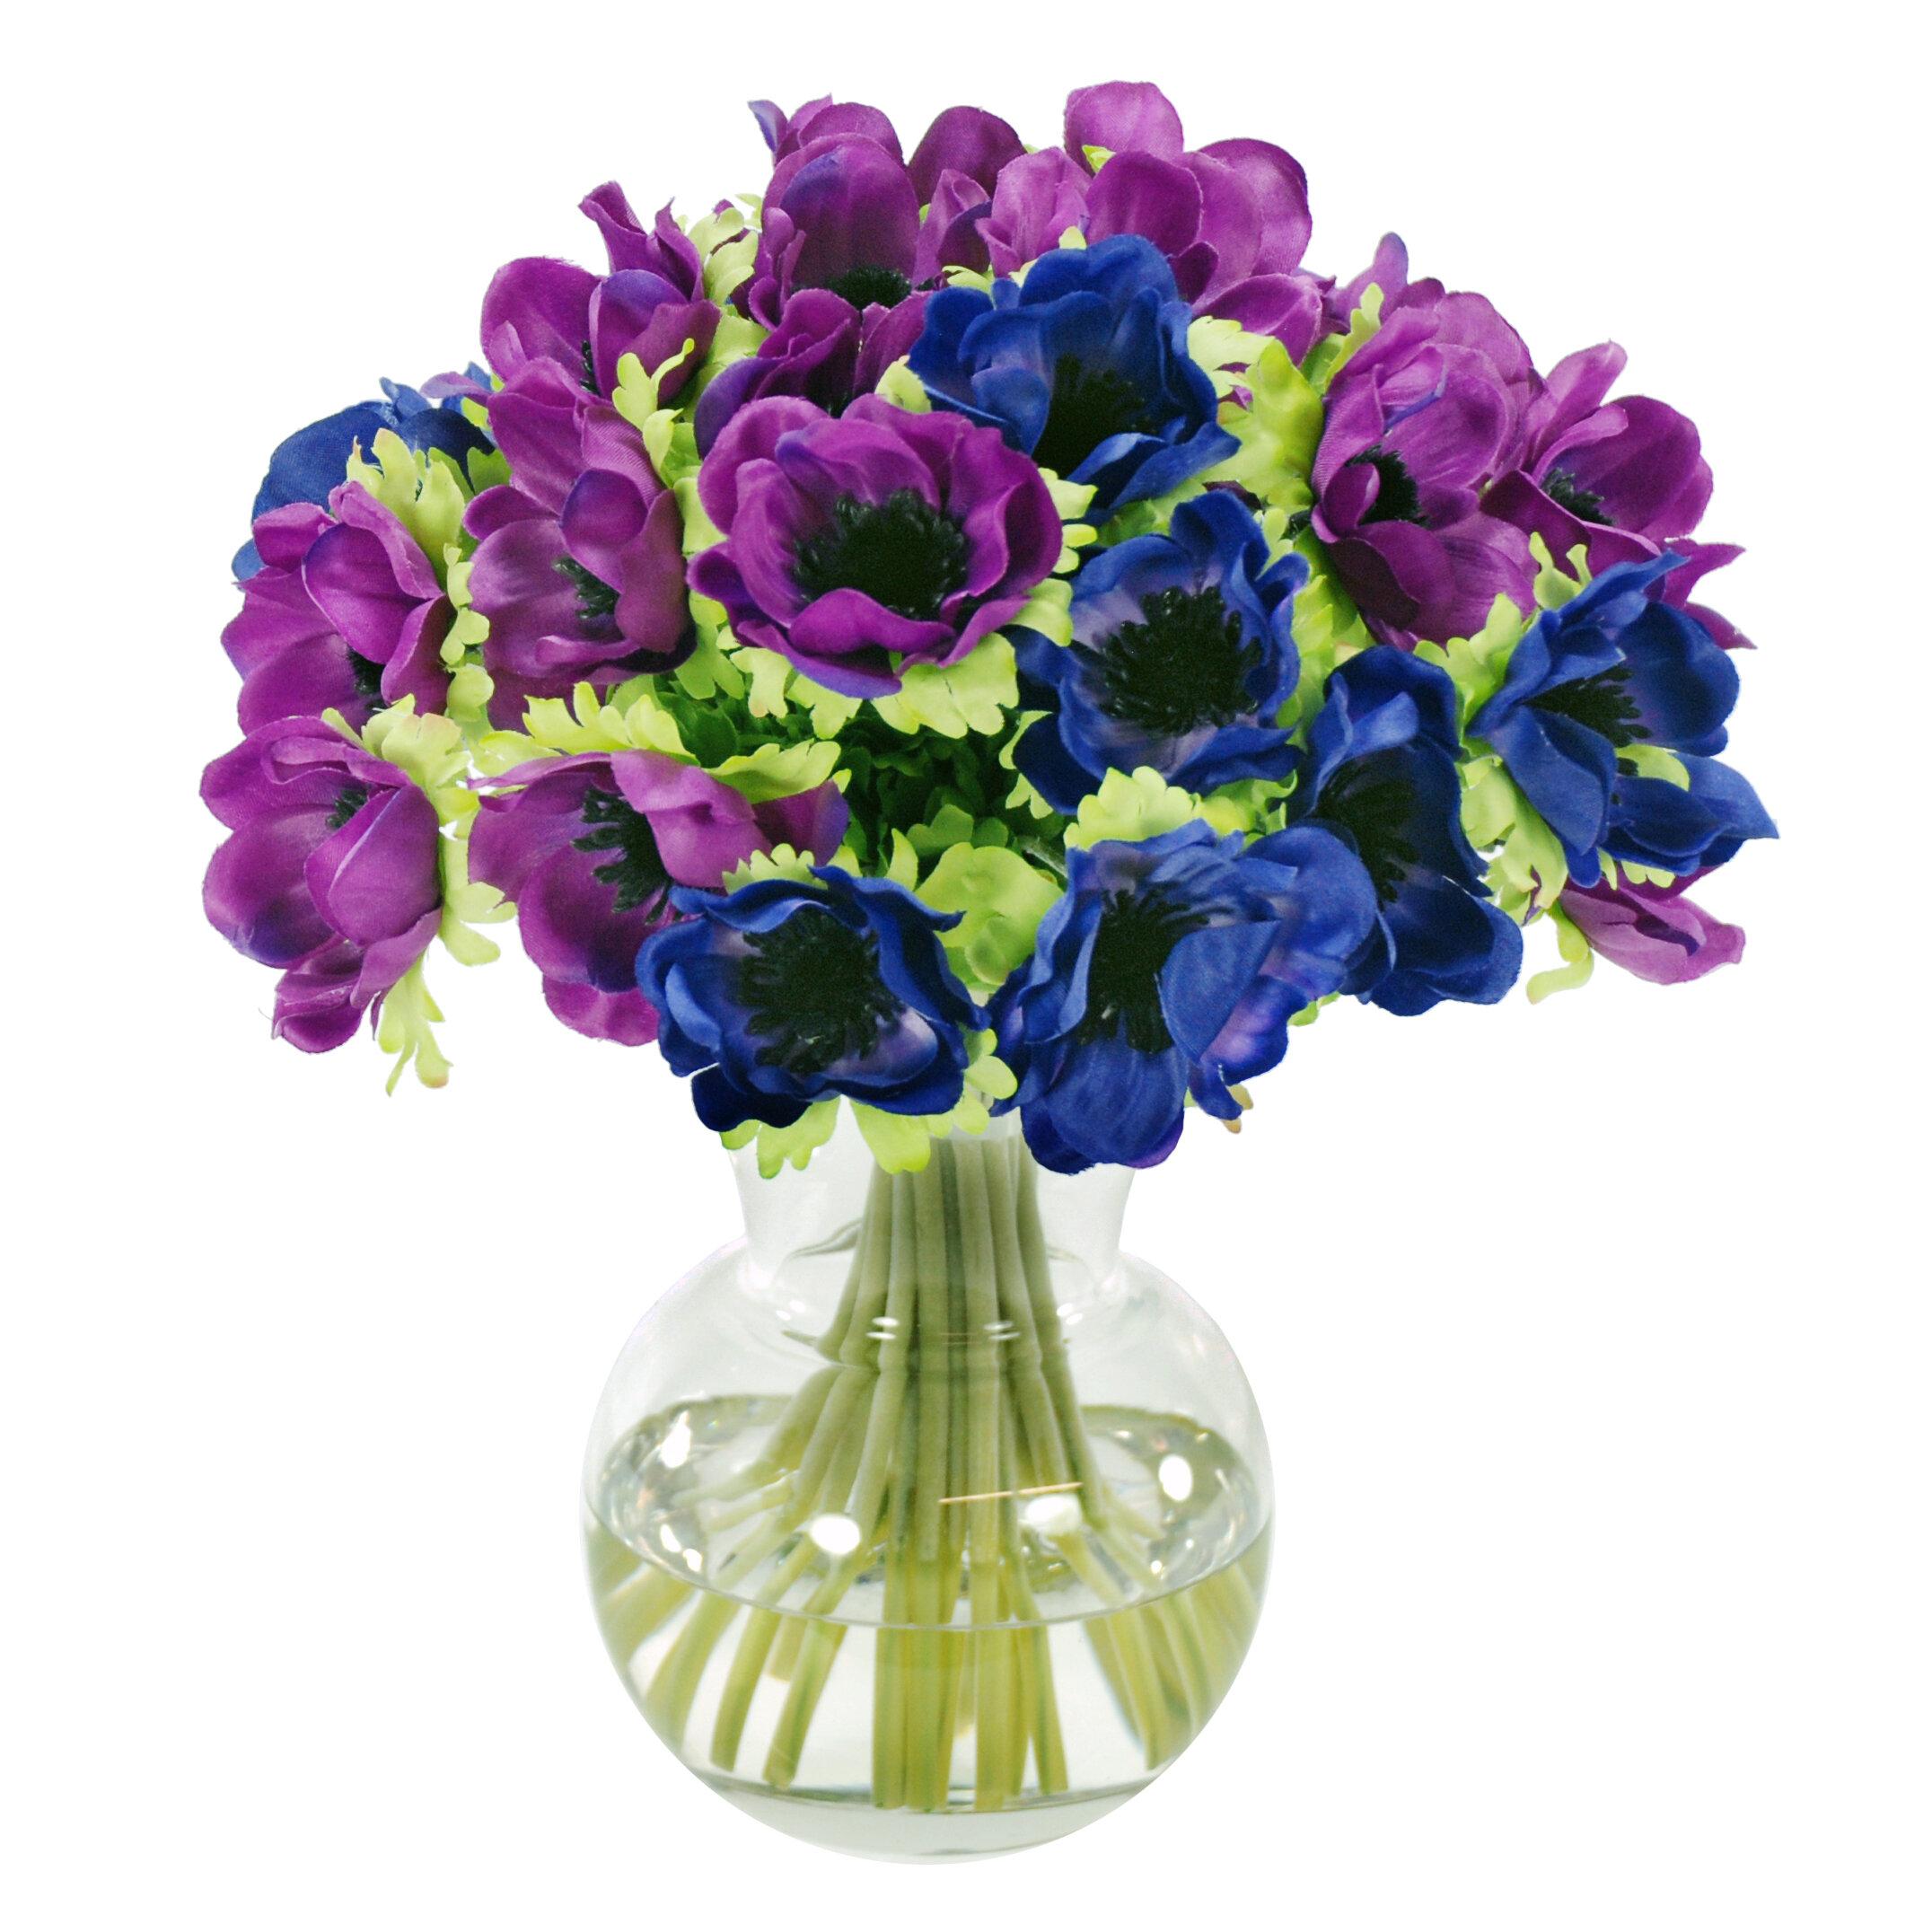 Winward Silks Anemone Bunch In Glass Vase Wayfair